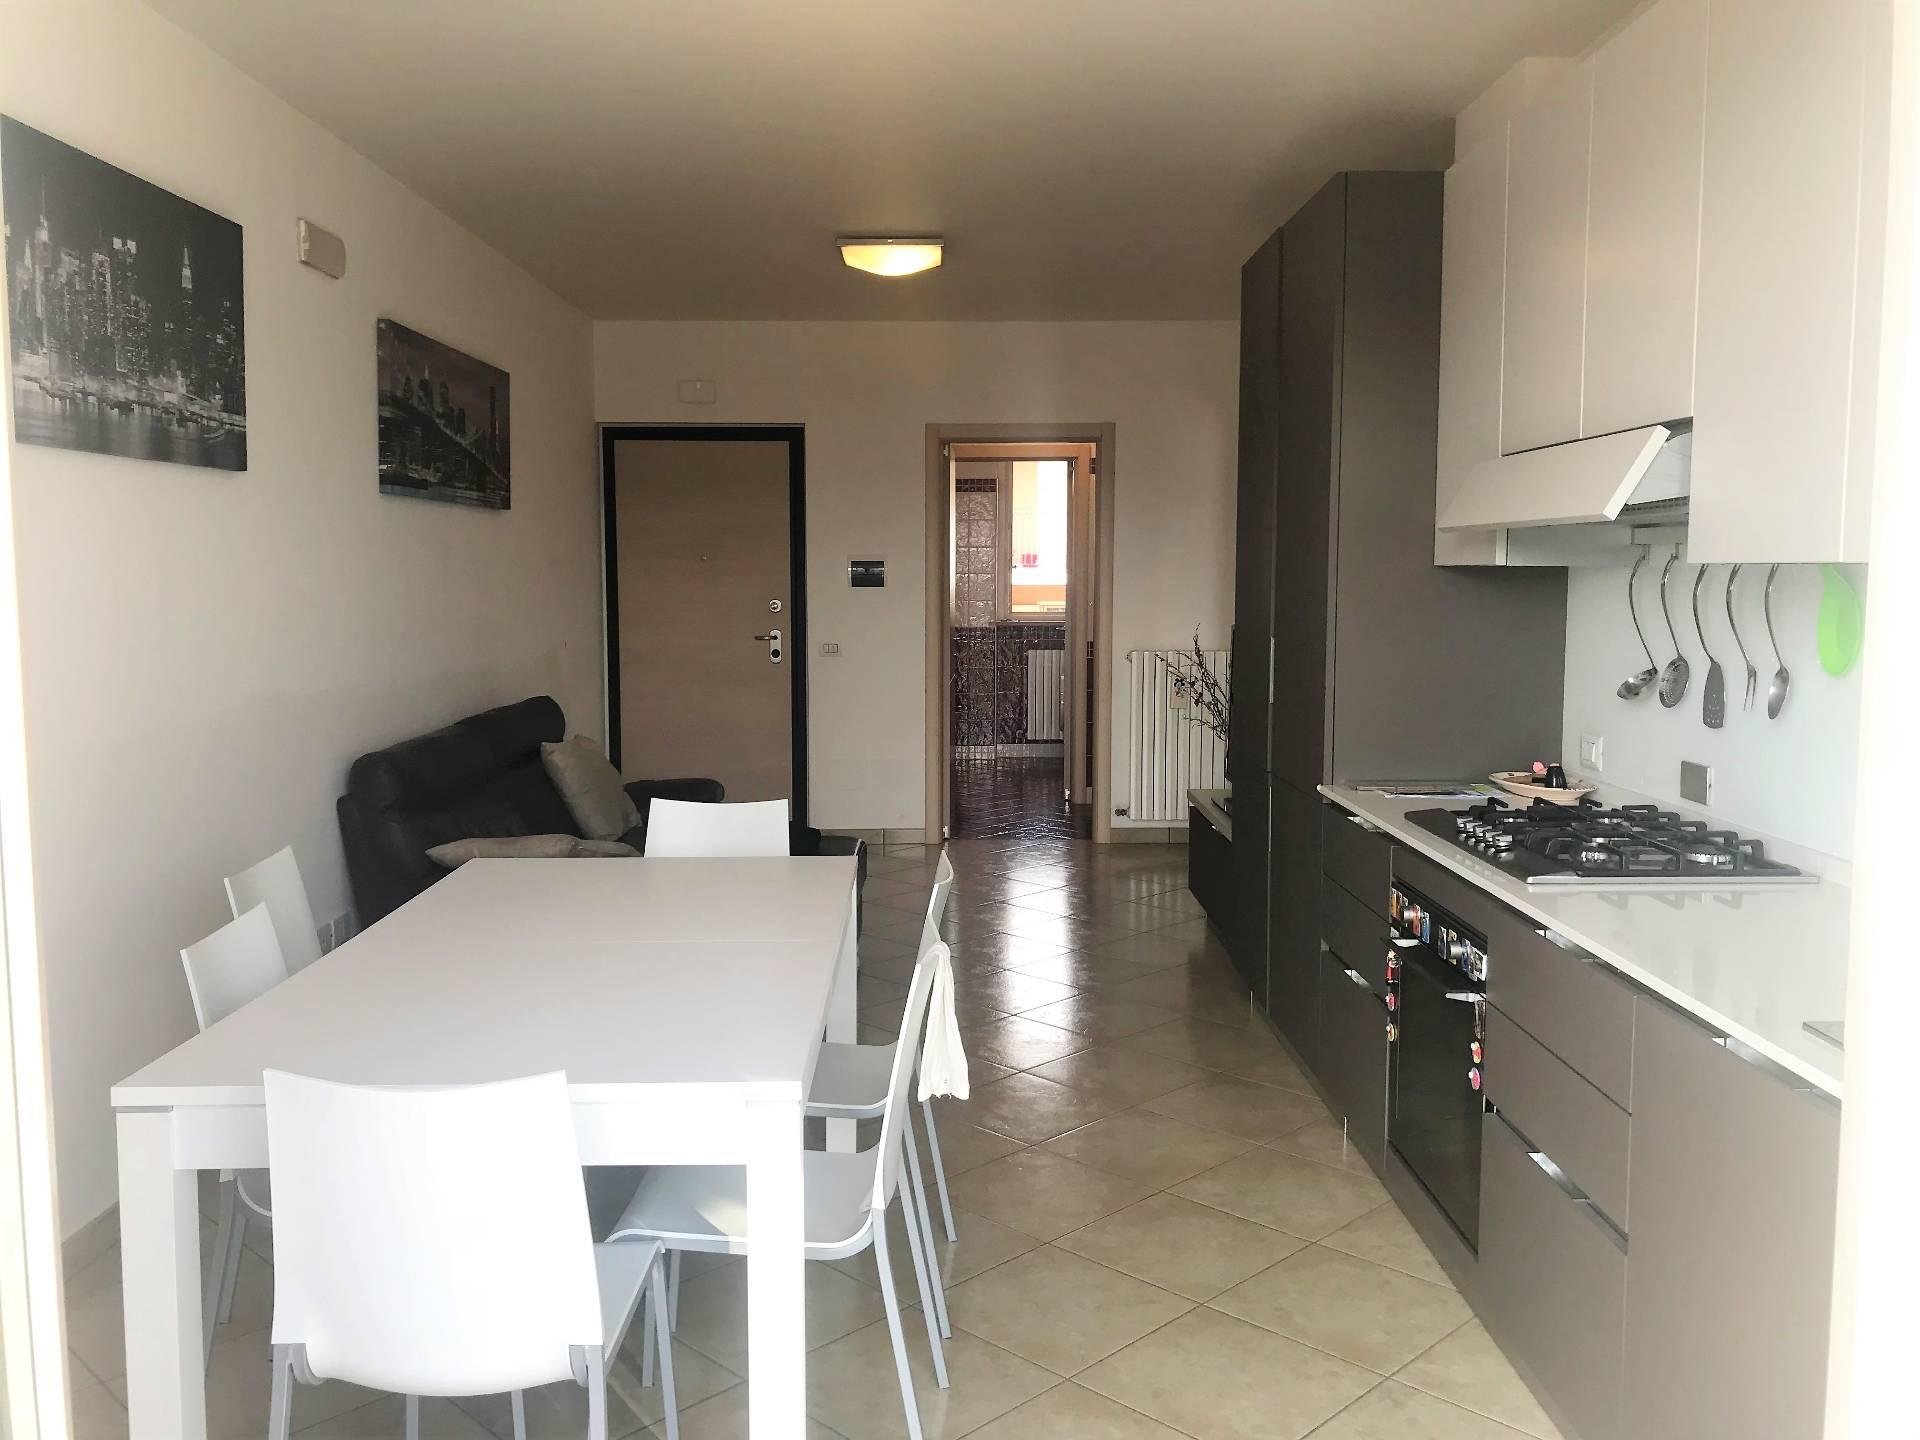 Appartamento in vendita a Castel di Lama, 3 locali, prezzo € 149.000 | CambioCasa.it